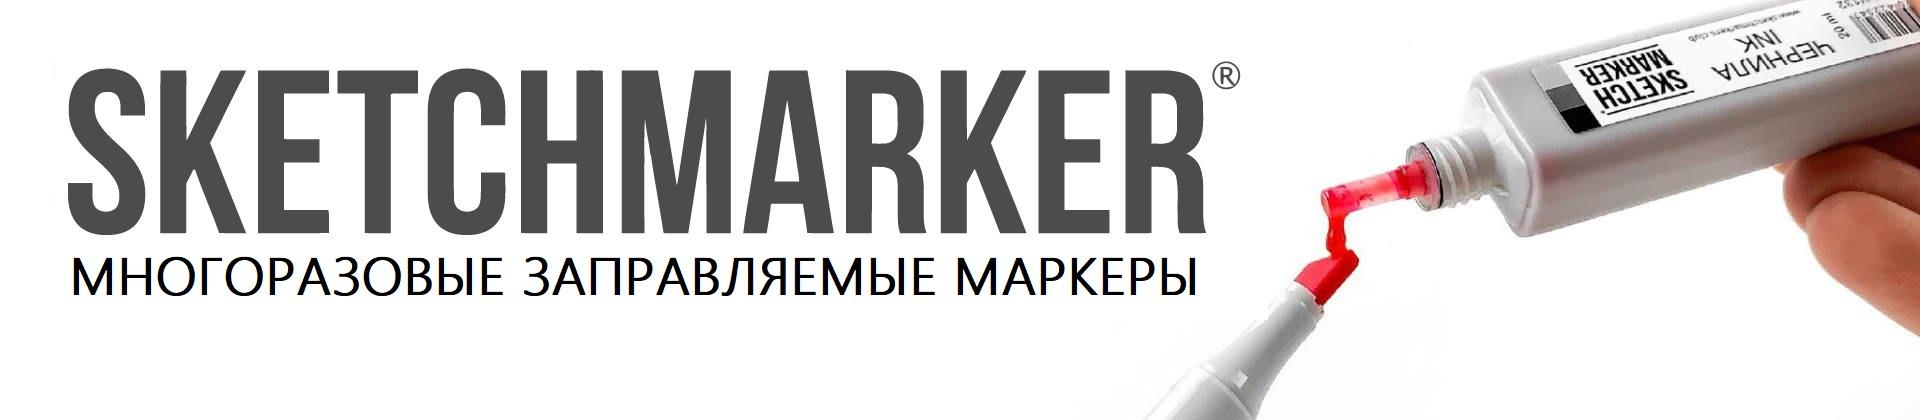 ЗАПРАВКА ДЛЯ МАРКЕРОВ